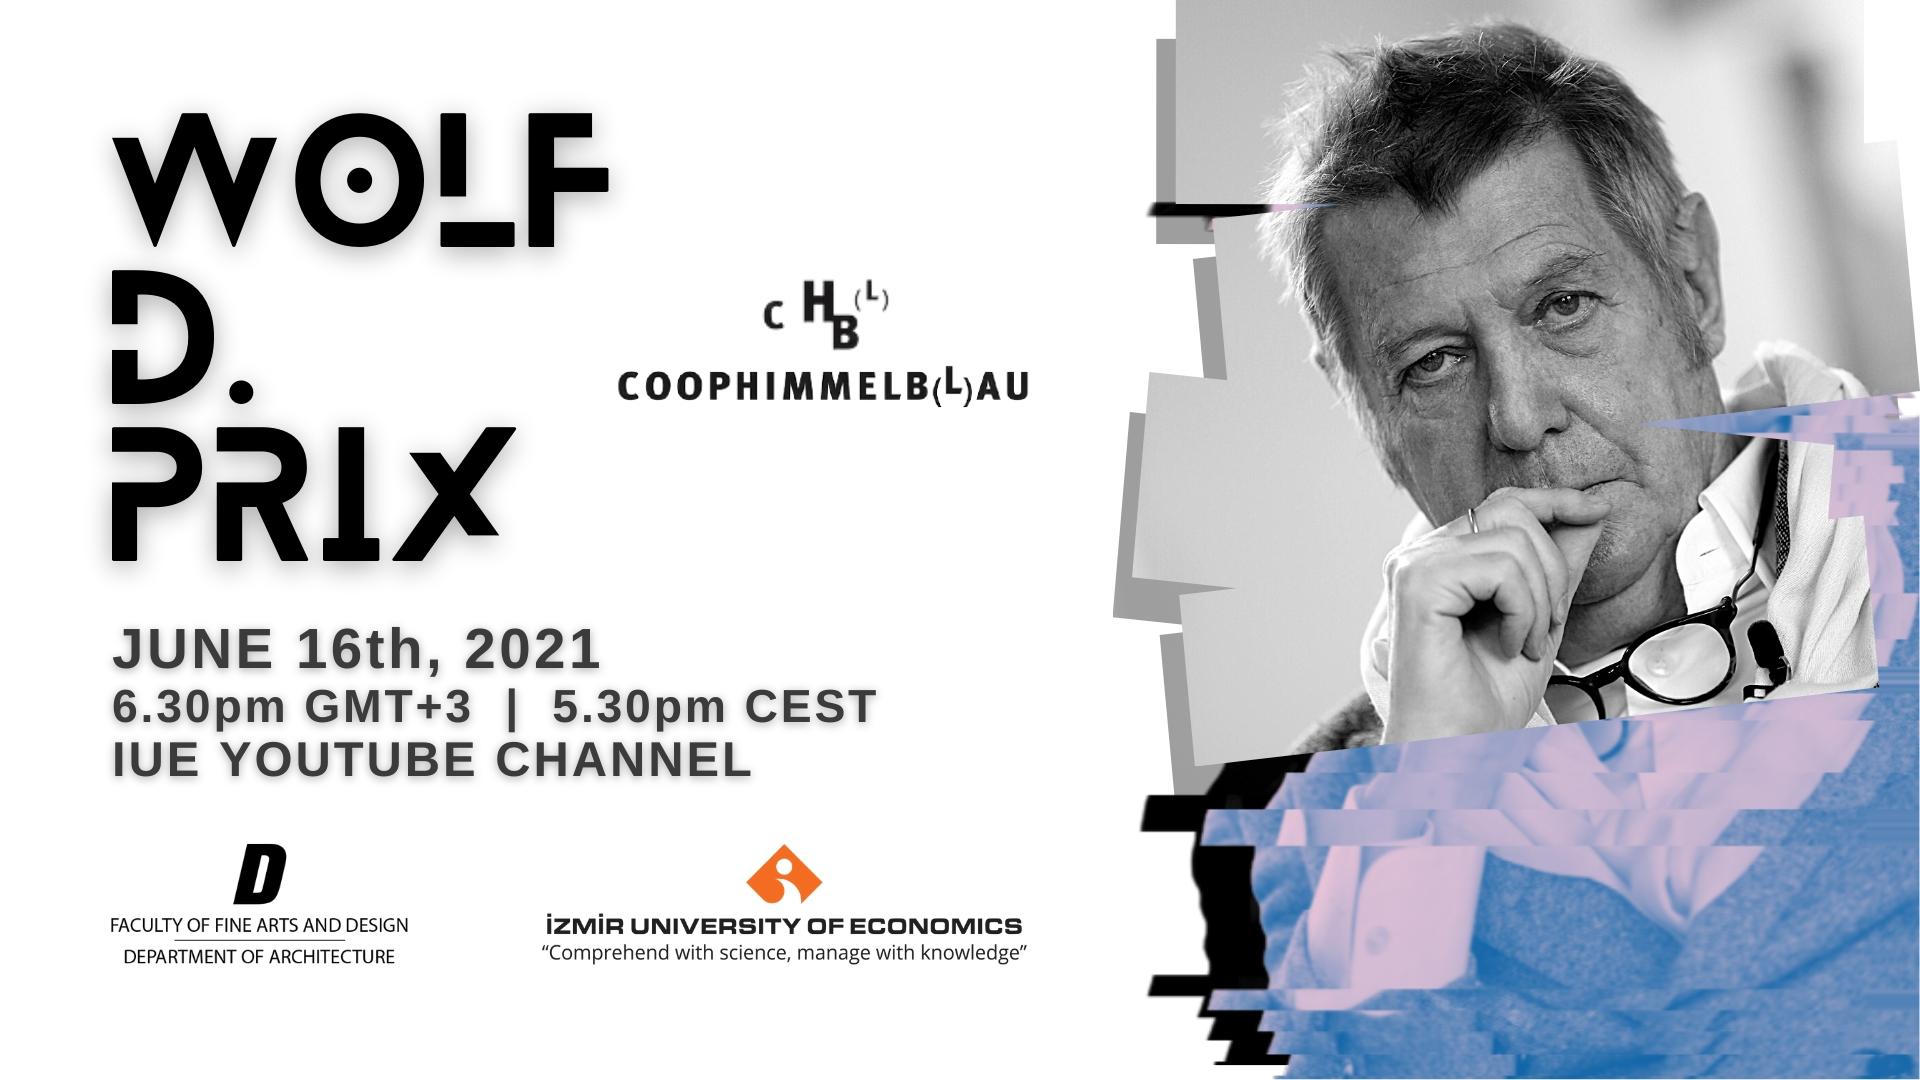 İEÜ GSTF Mimarlık Bölümü COOPHIMMELB(L)AU kurucu ortağı Wolf D. Prix'i konuk ediyor!